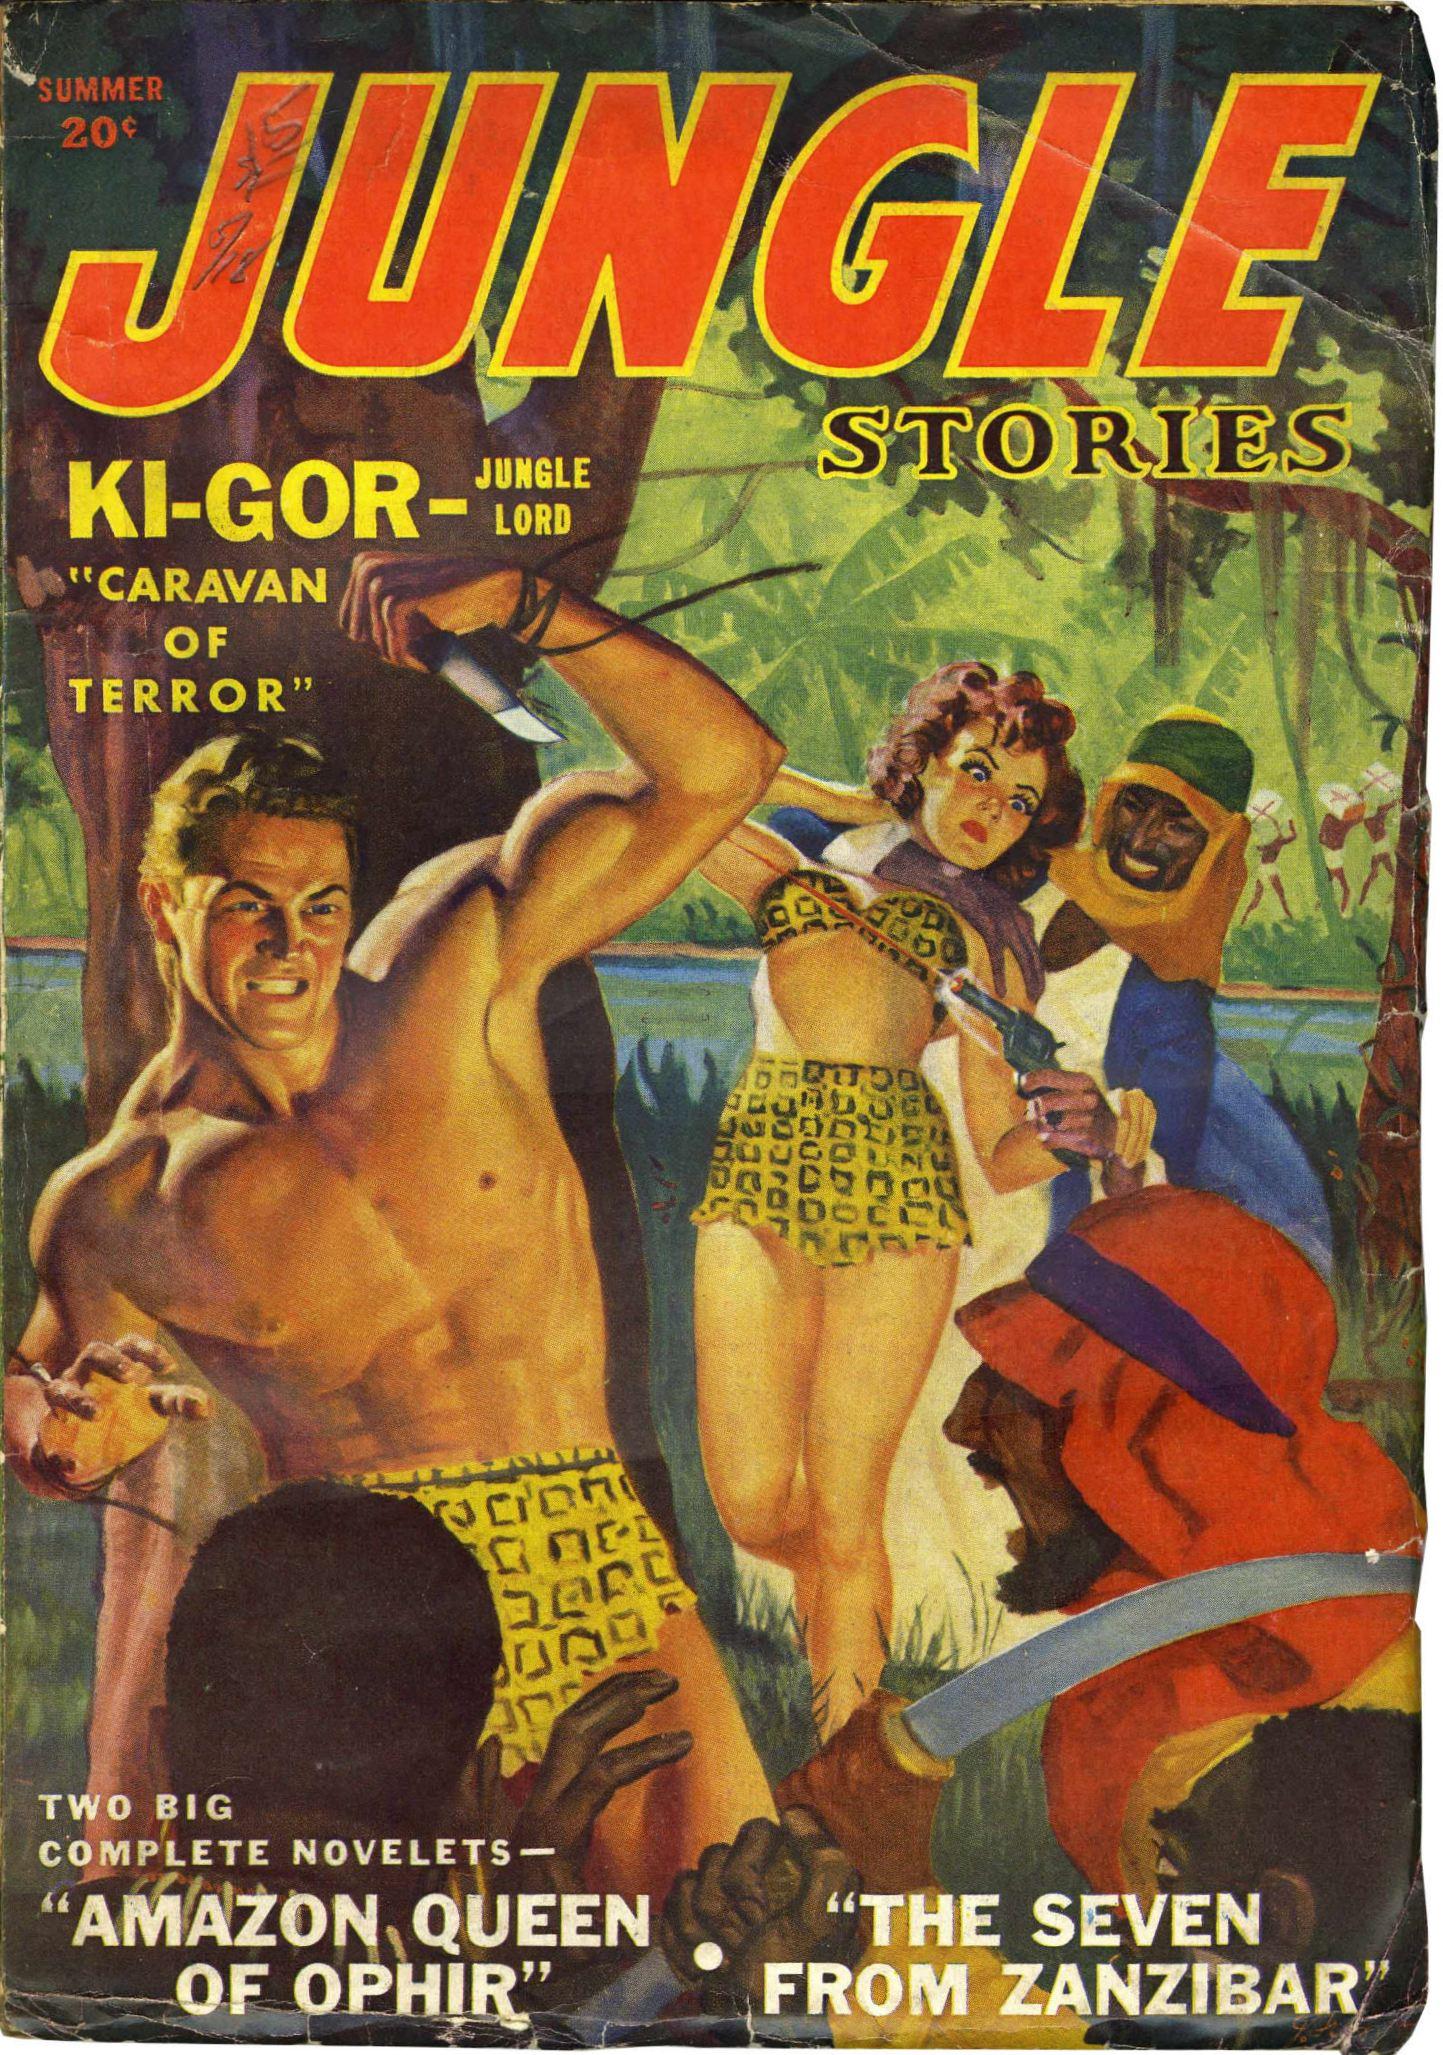 Секс в джунглях рассказы 7 фотография